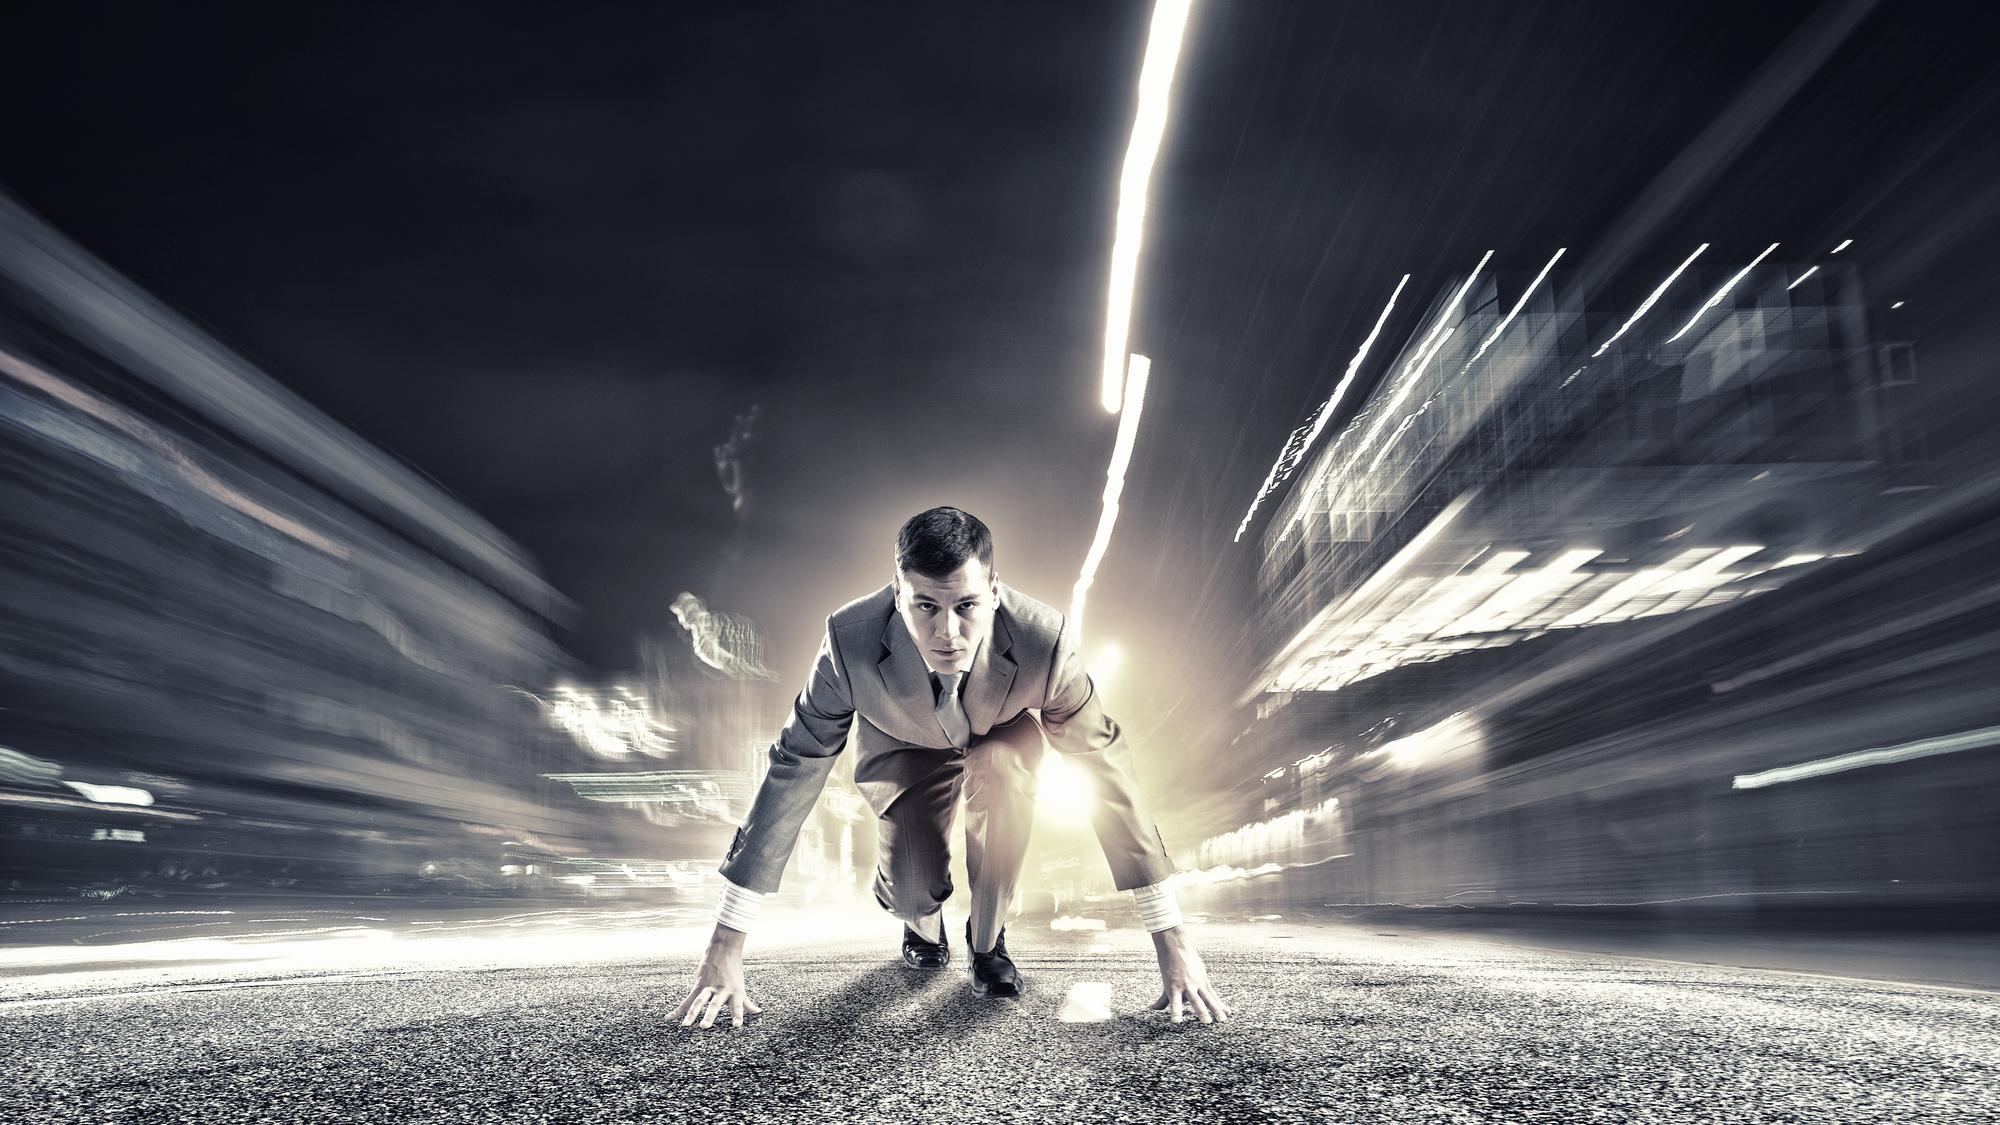 わずか3日でシェアリングサービスを提供。シェアリングエコノミーを支える新サービス「いきなりシェアリングエコノミー」とは?